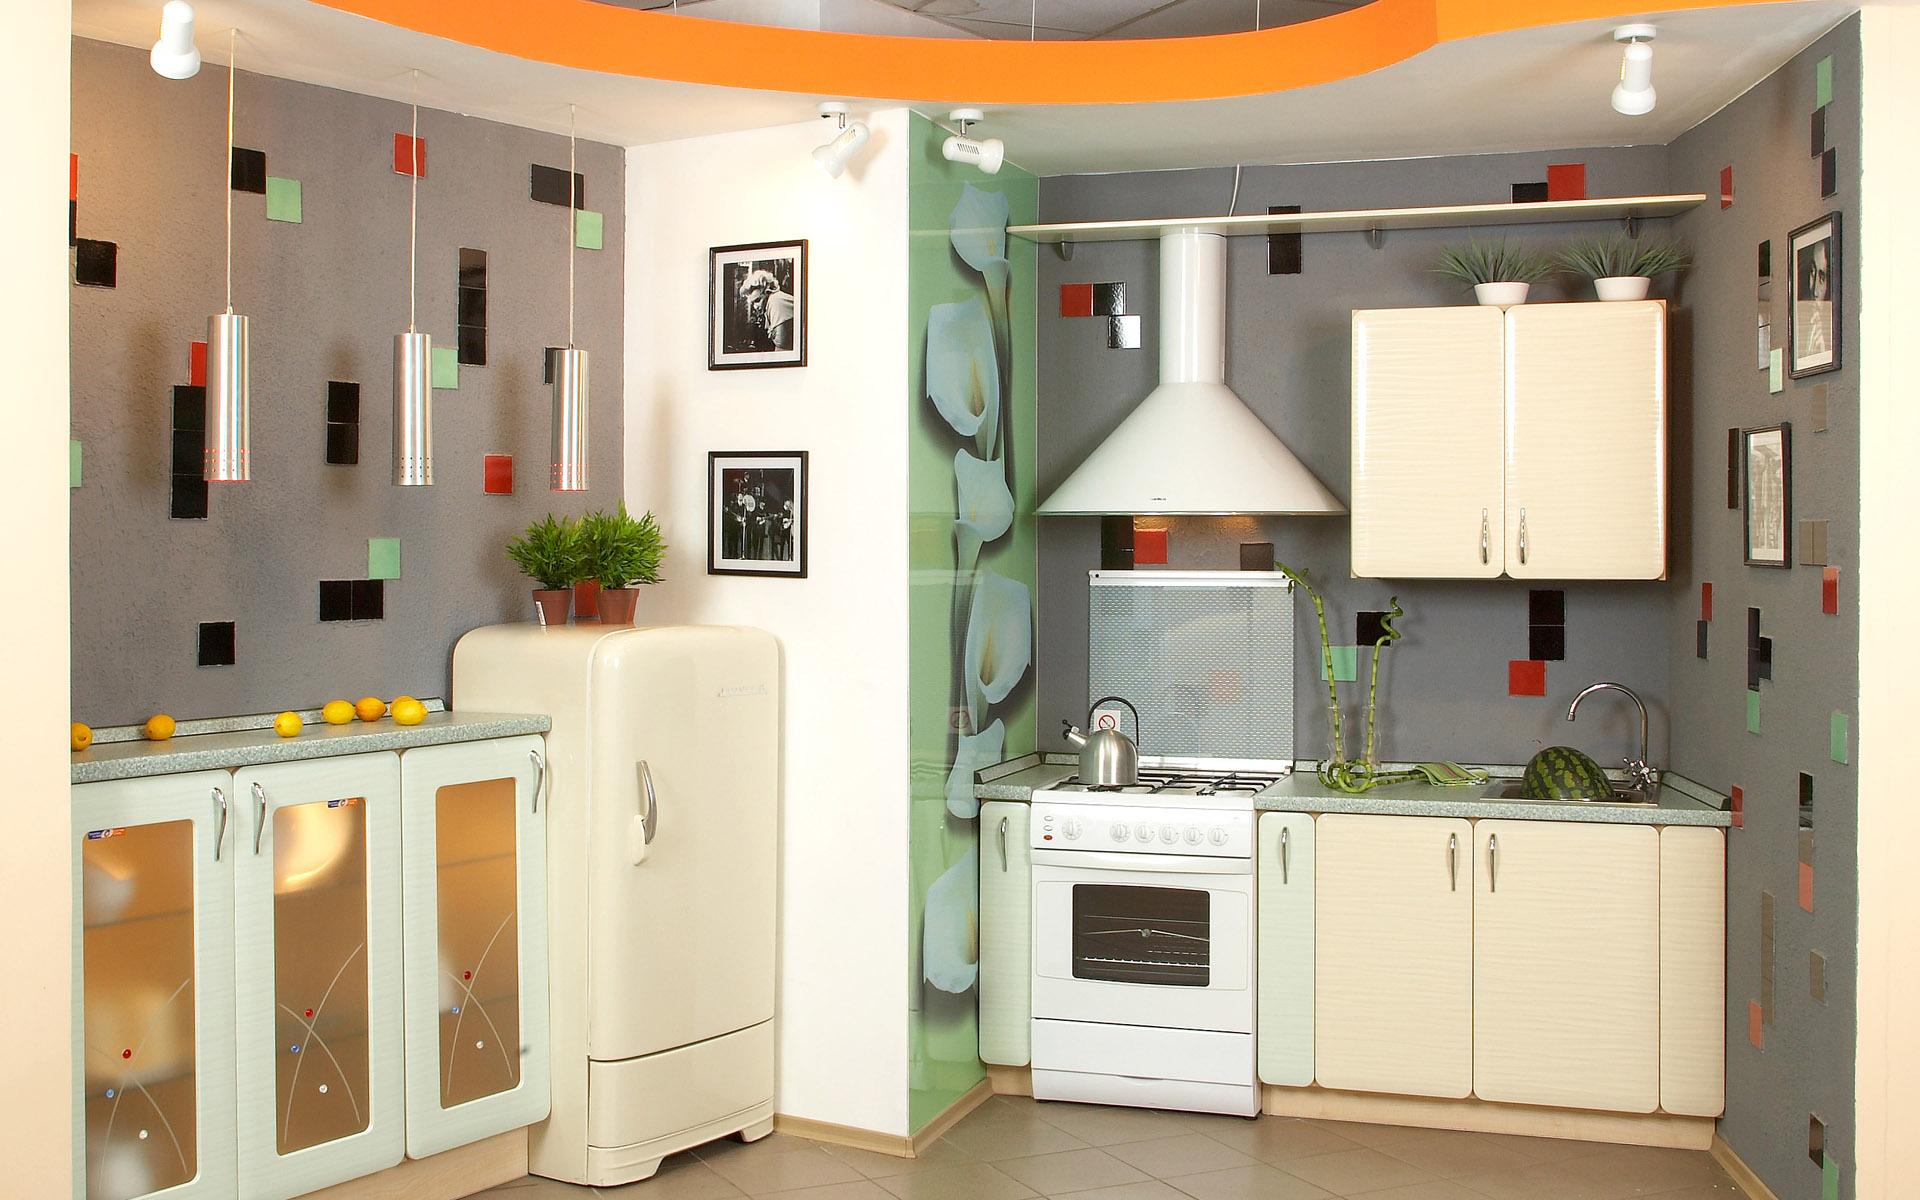 精美的厨房装修效果图高清图片素材 20P